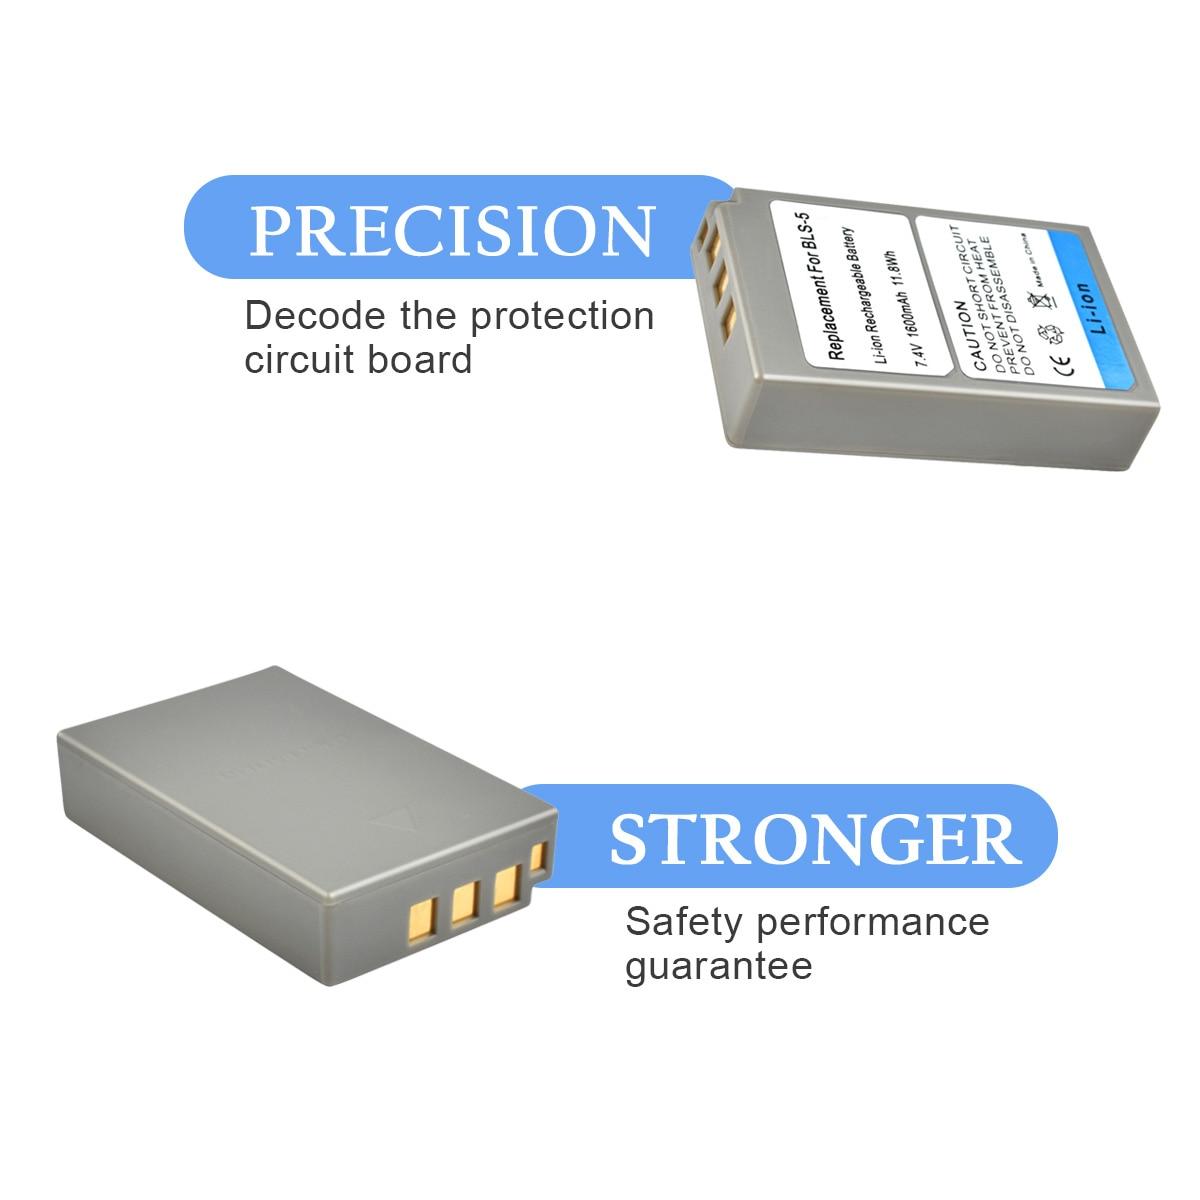 1X PS-BLS5 BLS-5 BLS5 BLS-50 BLS50 Kamera Batterie für Olympus PEN E-PL2, E-PL5, E-PL6, E-PL7, e-PM2, OM-D E-M10, E-M10 II, Stylus1 L15